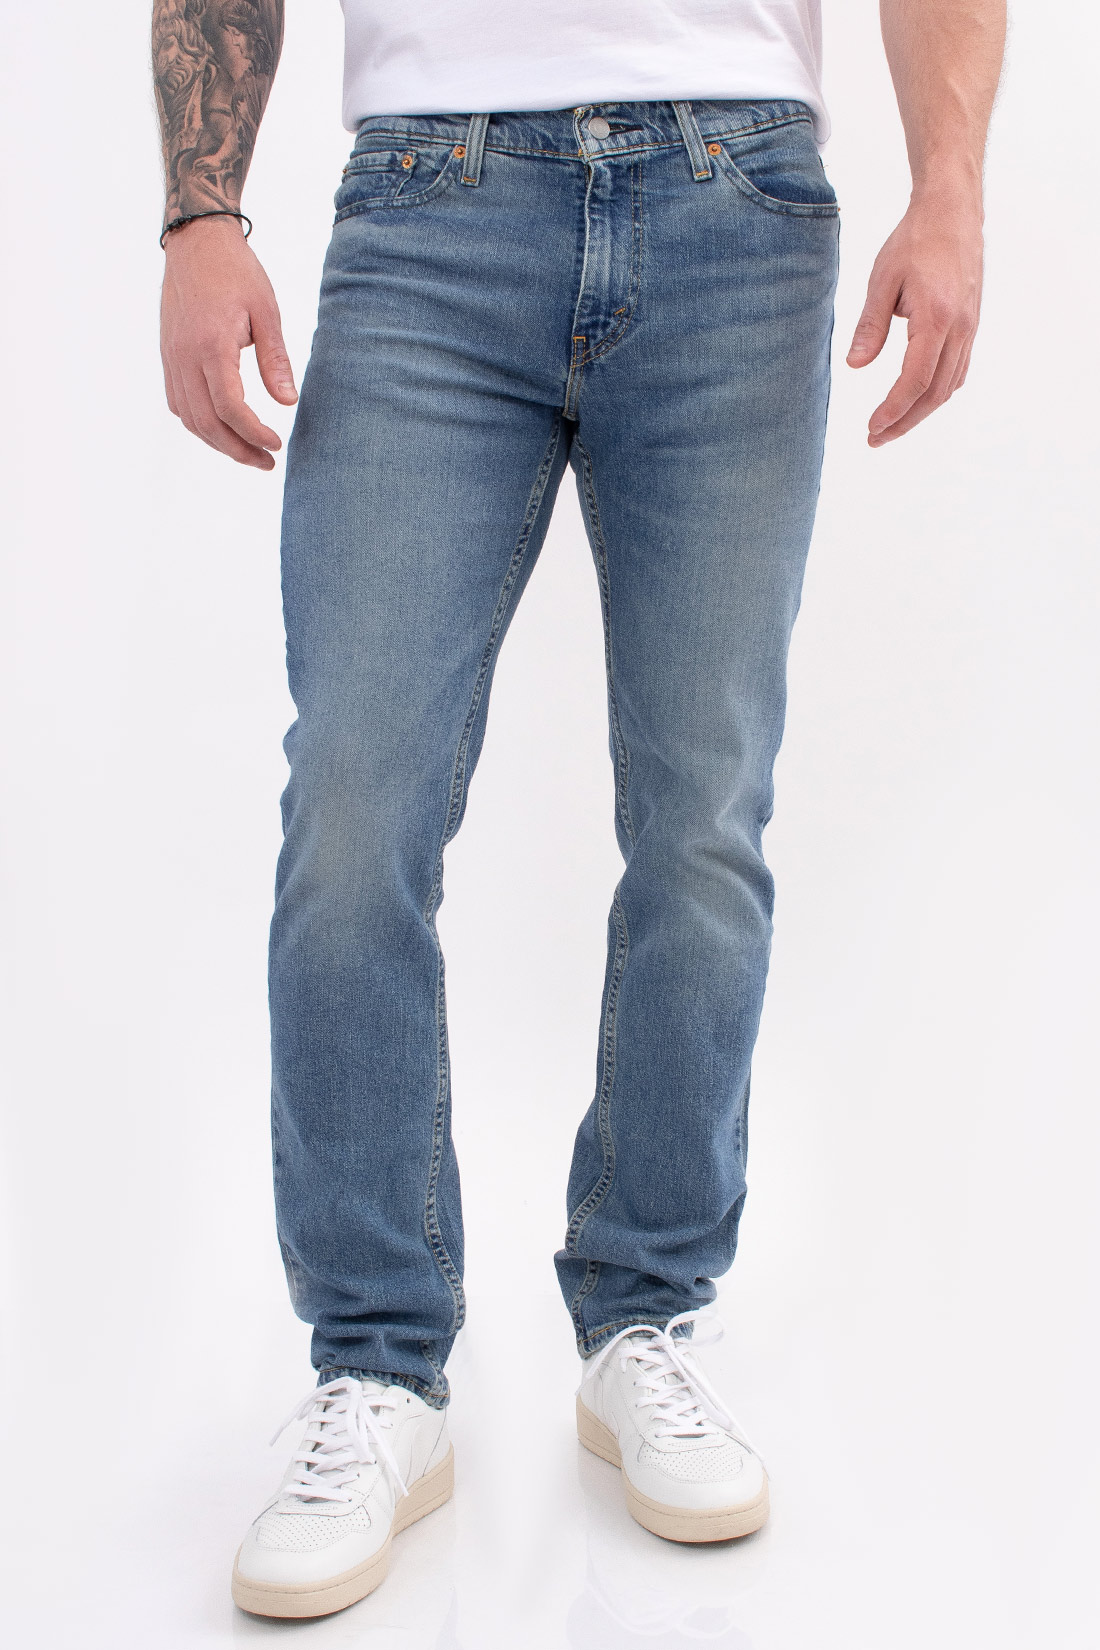 Calca Jeans Levis 511 Flex